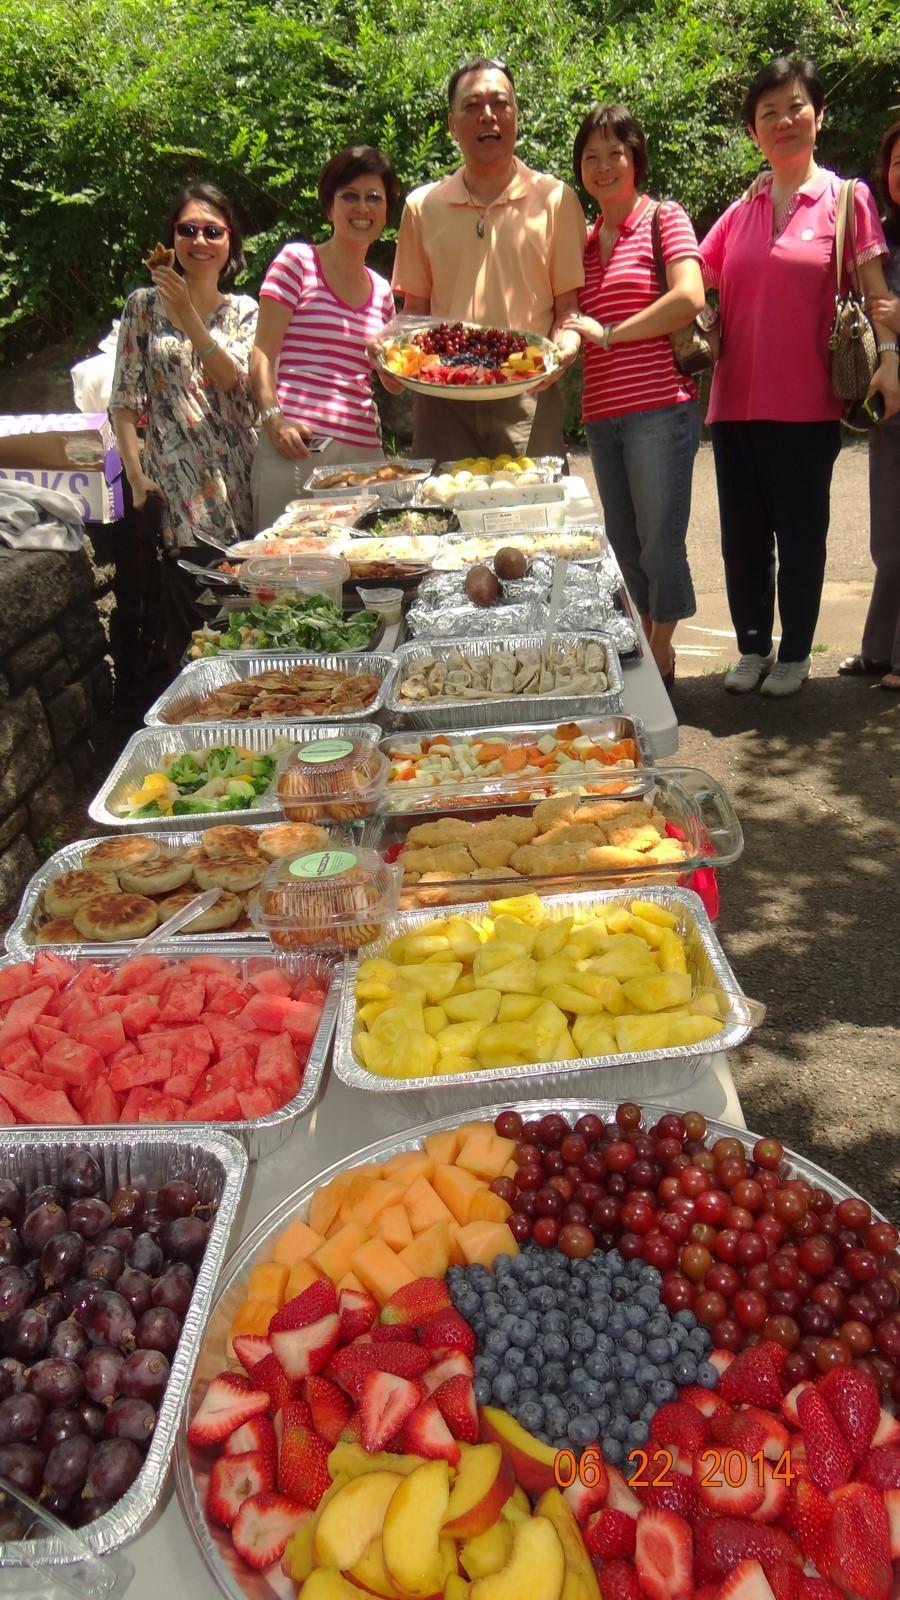 夏季野餐联谊,纽约地区校友聚会